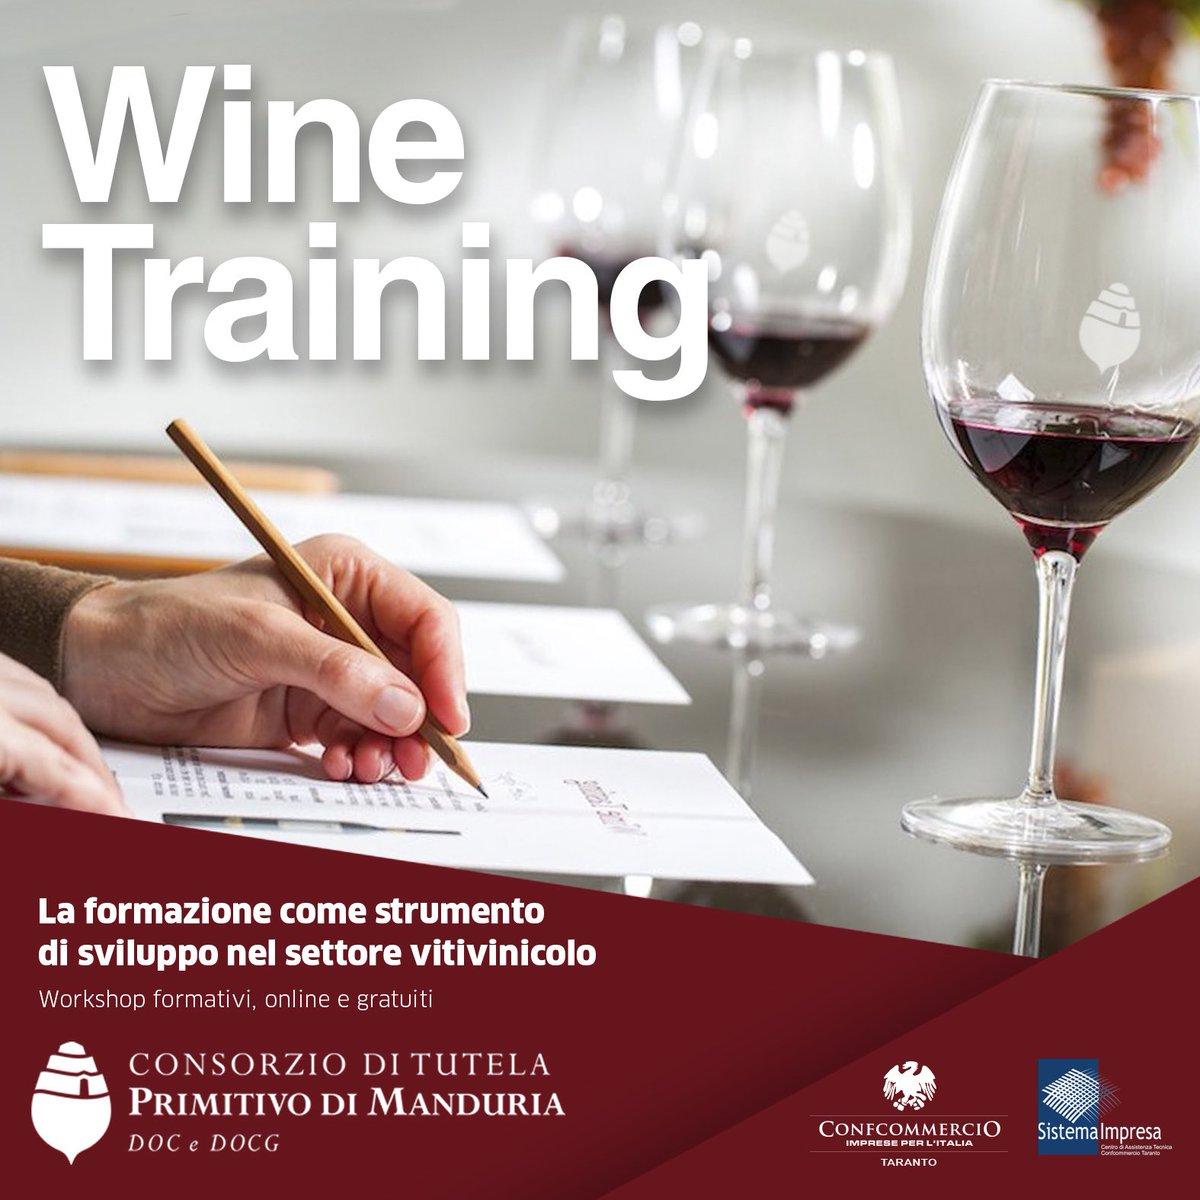 La formazione sul #vino non si ferma: #workshop online gratuiti per le aziende della #DOC.   http://bit.ly/PdM_WineTraining…   #PrimitivodiManduriaDOP #Winelovers #Puglia #Wine #Winetrainingpic.twitter.com/NNsyicZ4Lv